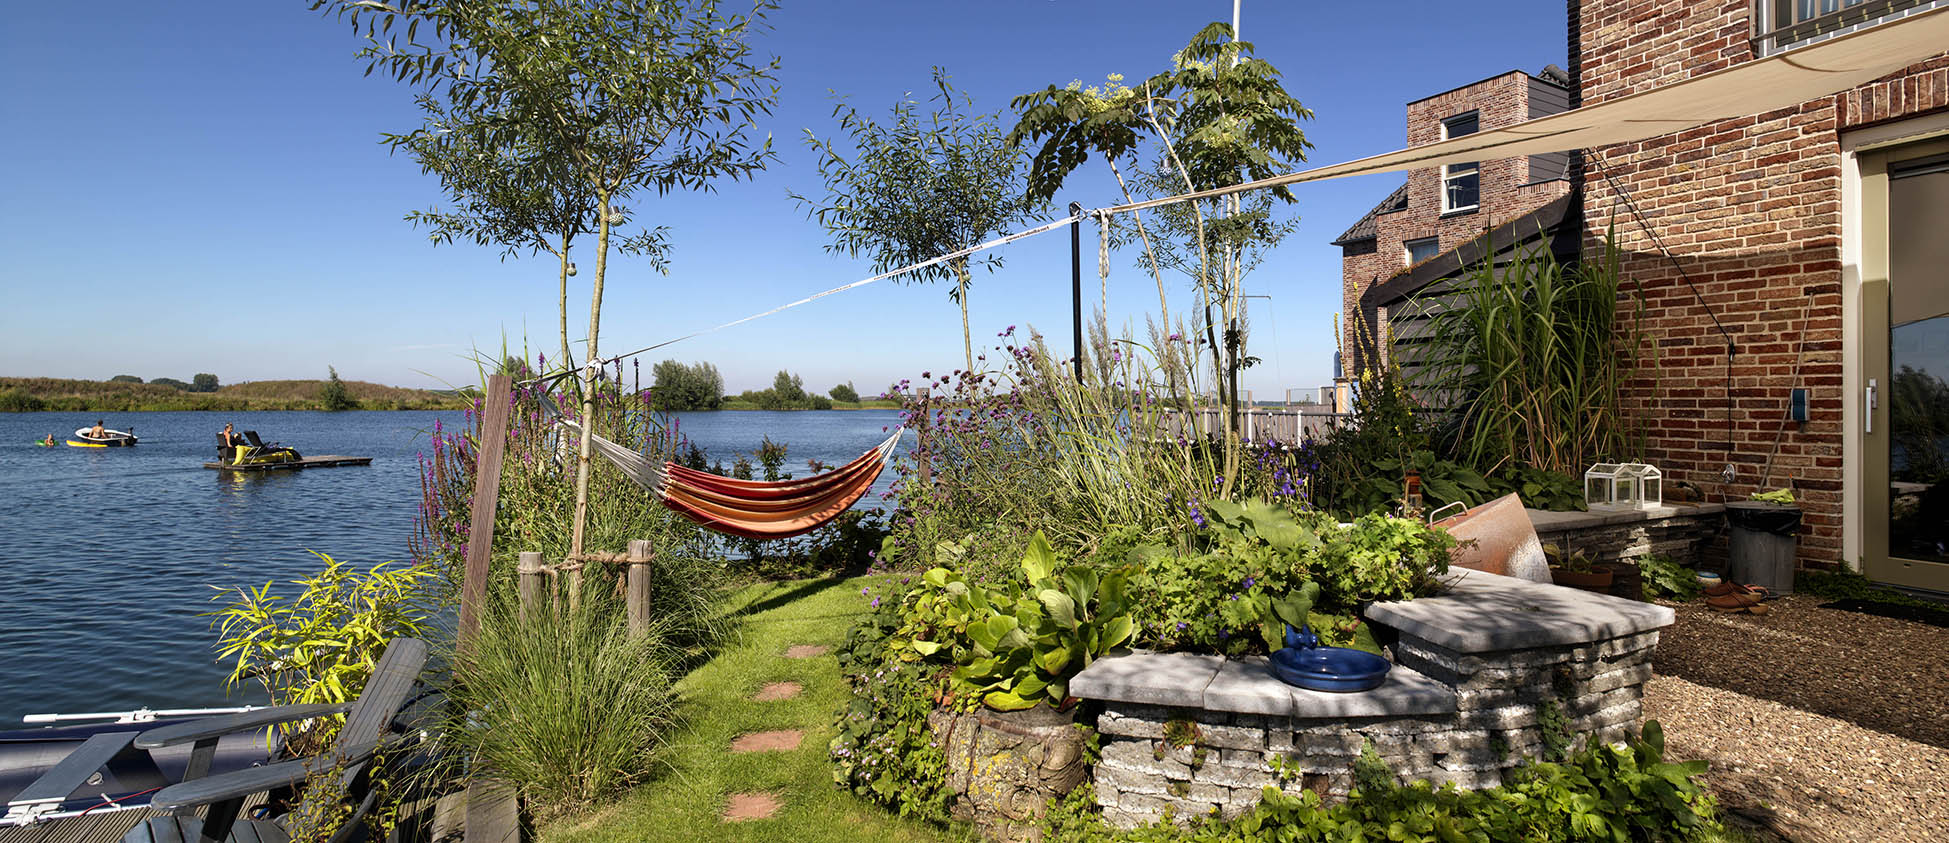 De Vlondertuinen Rosmalen tuin aan het water